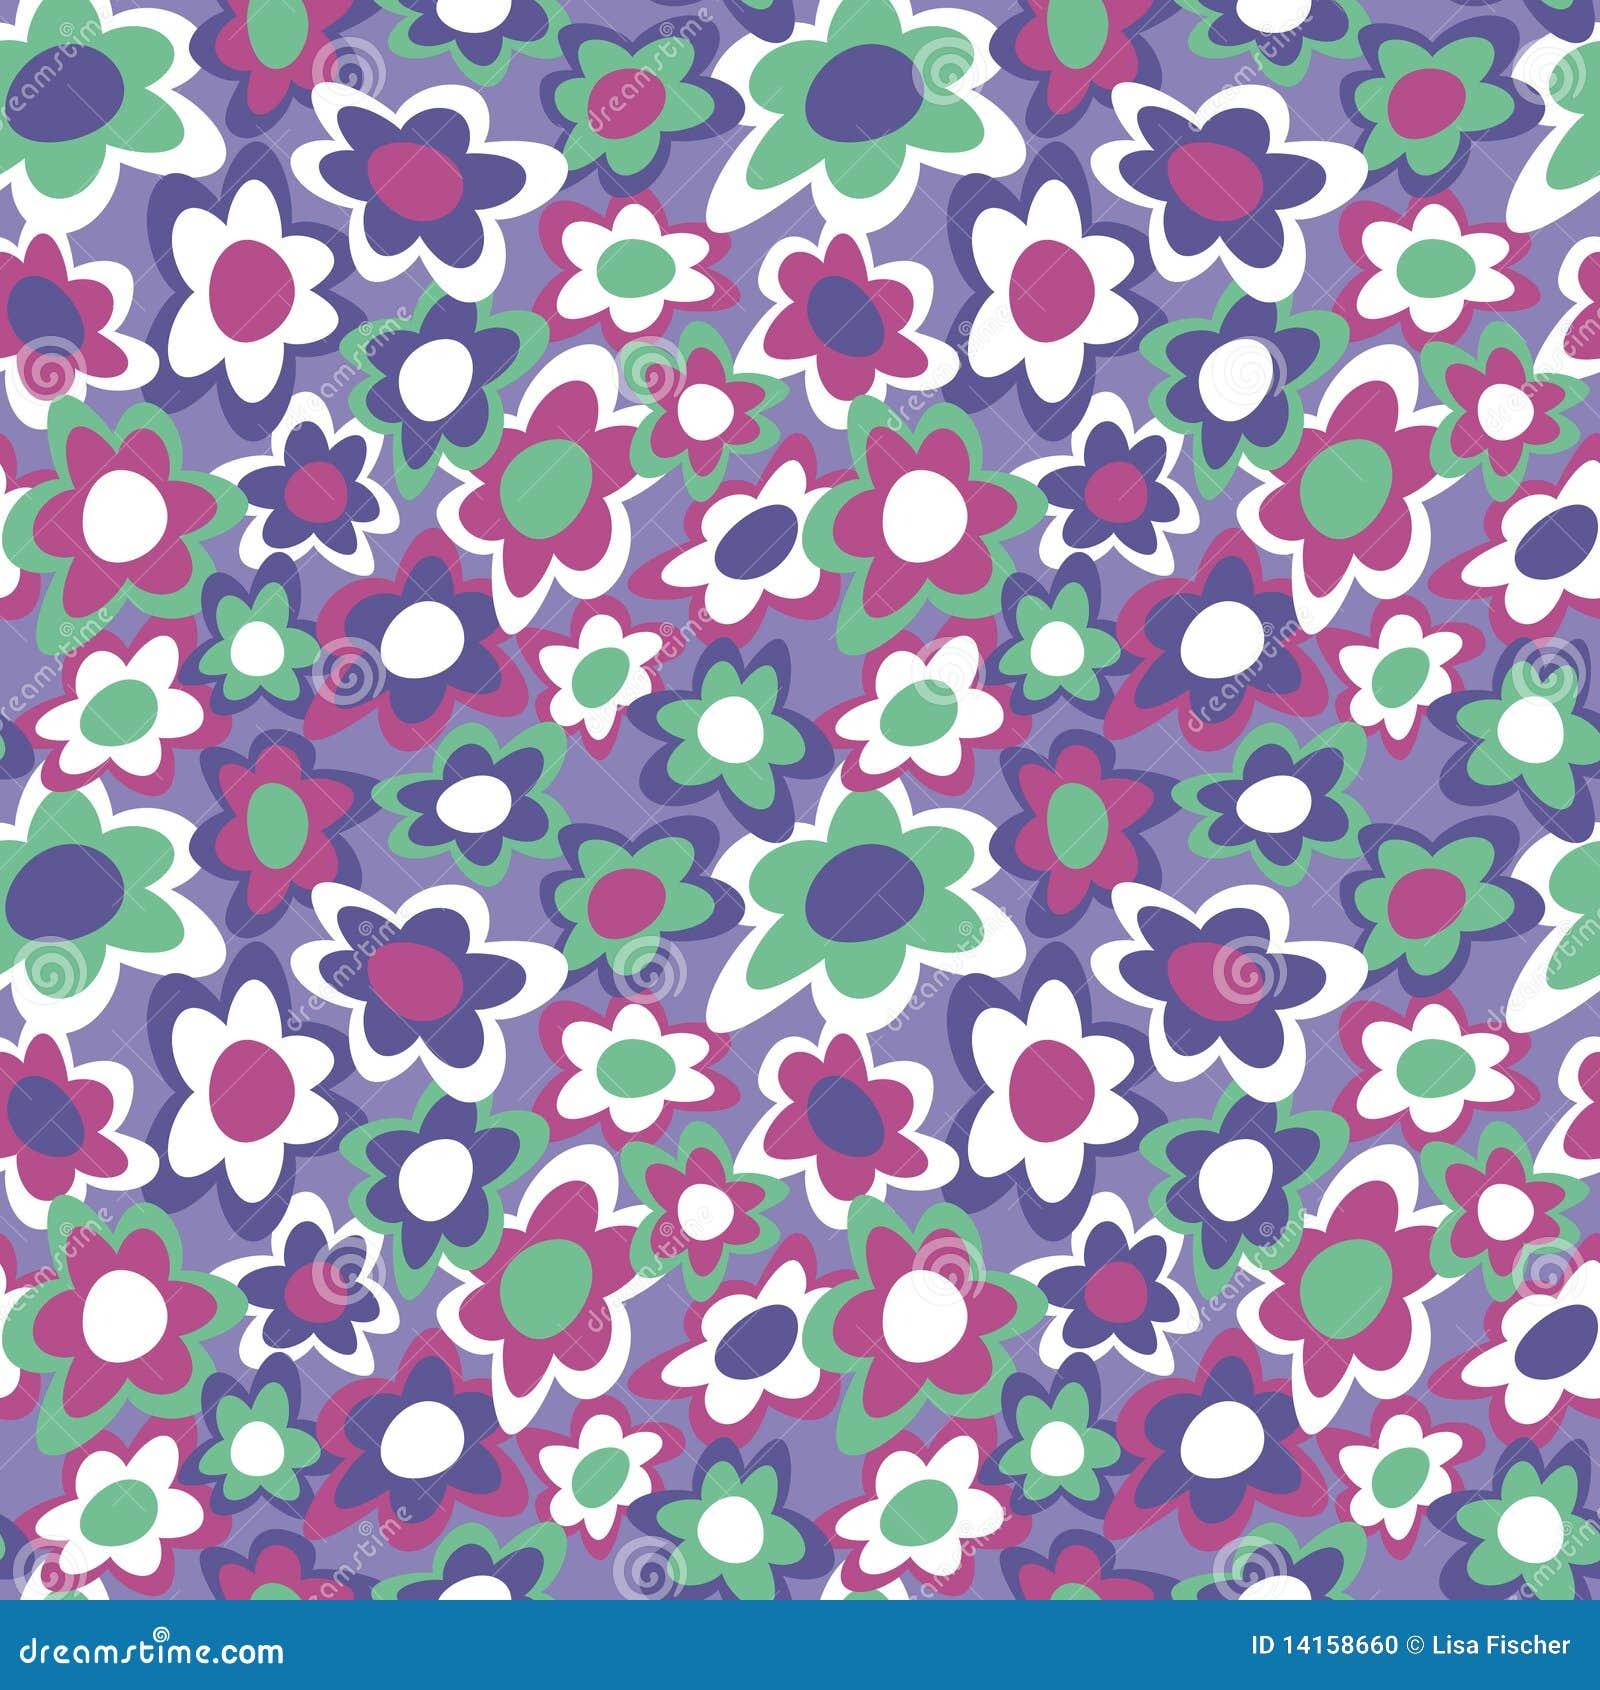 Flowers_Violet Funky